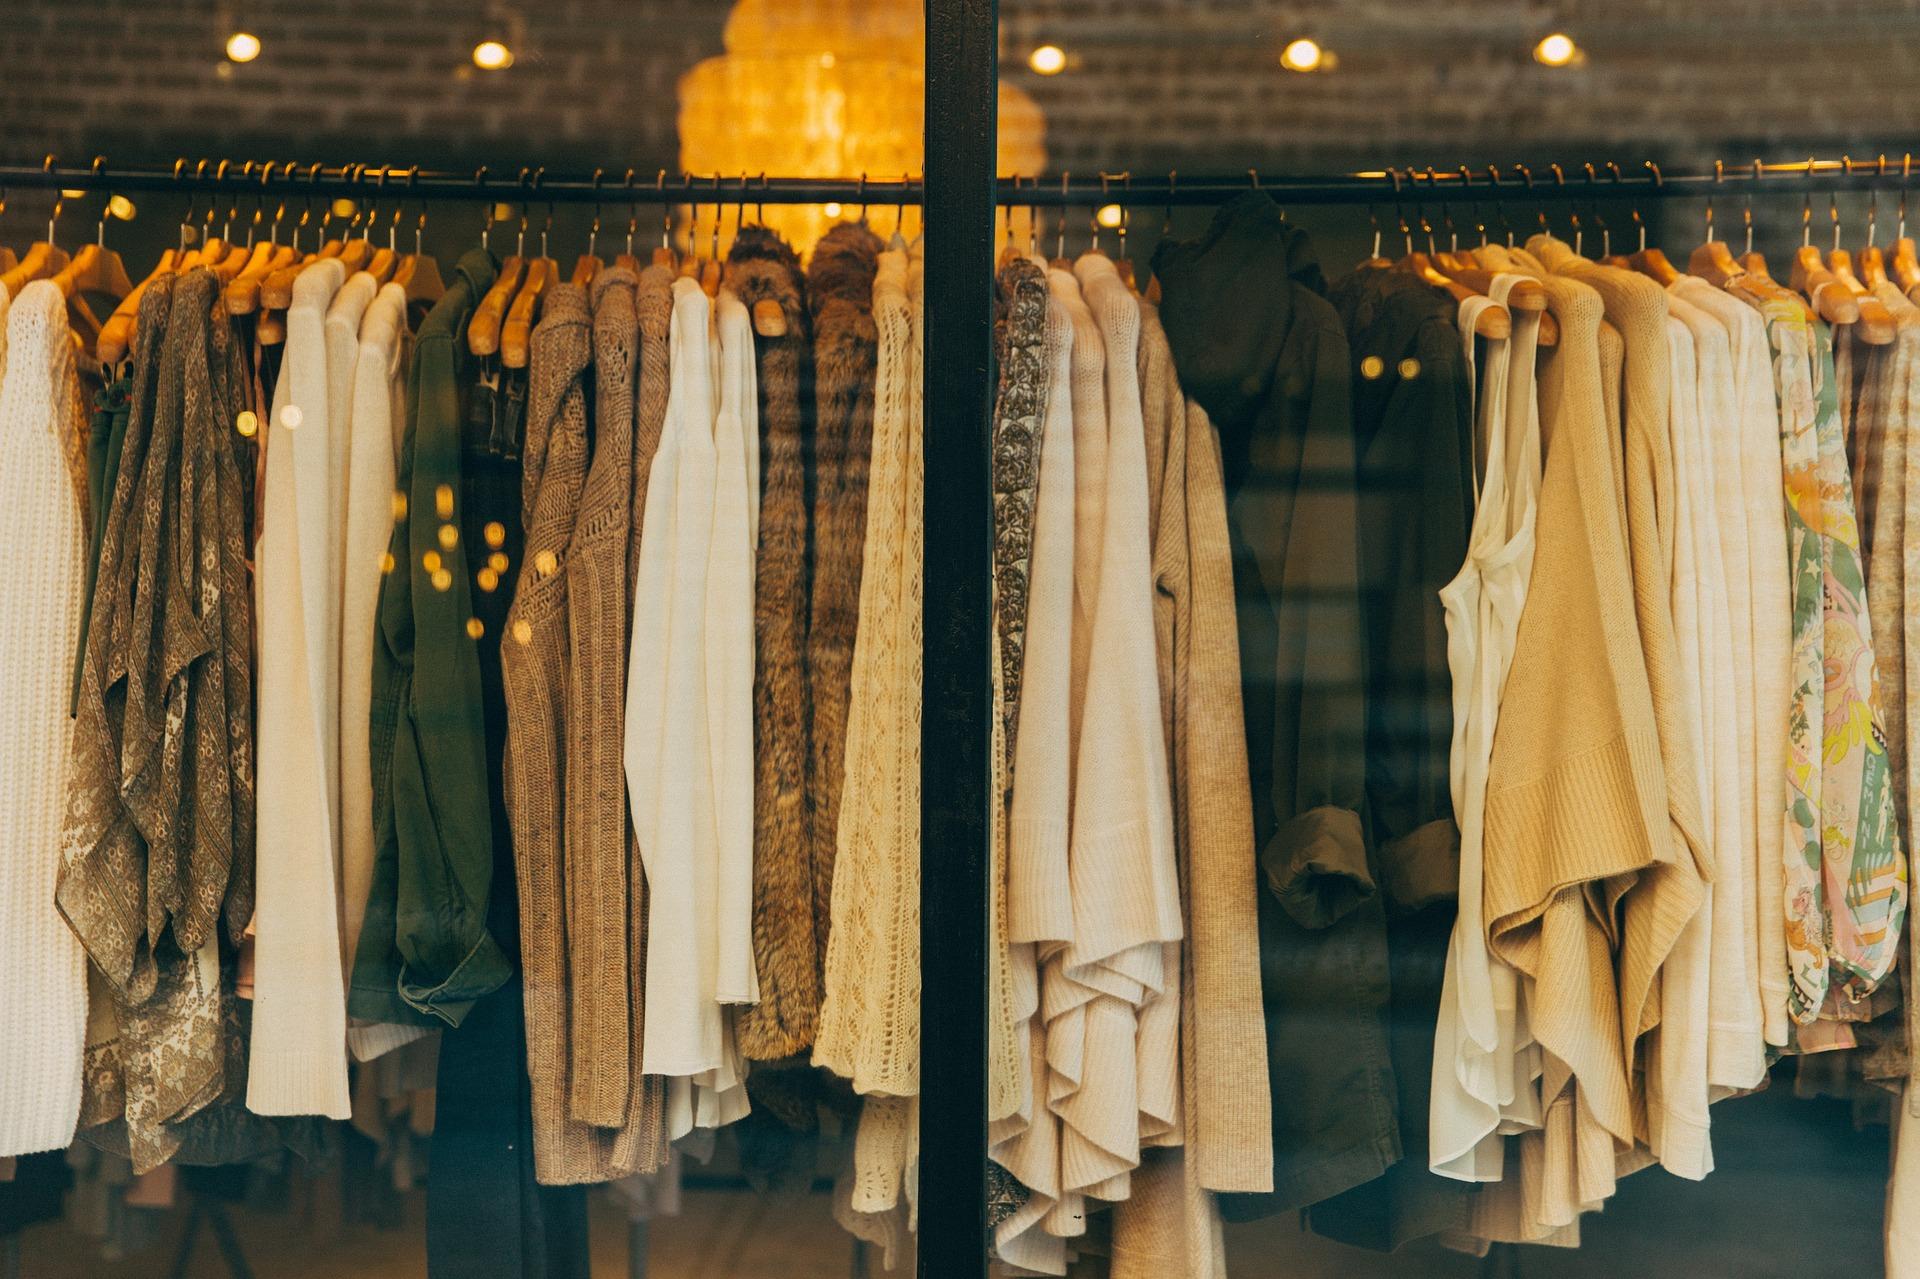 Foto lateral de uma vitrine de loja, com várias roupas em um cabide. As cores variam entre branco, bege, preto, amarelo. Ao fundo vemos algumas luminárias no interior da loja. Imagem ilustrativa para texto franquia hering.